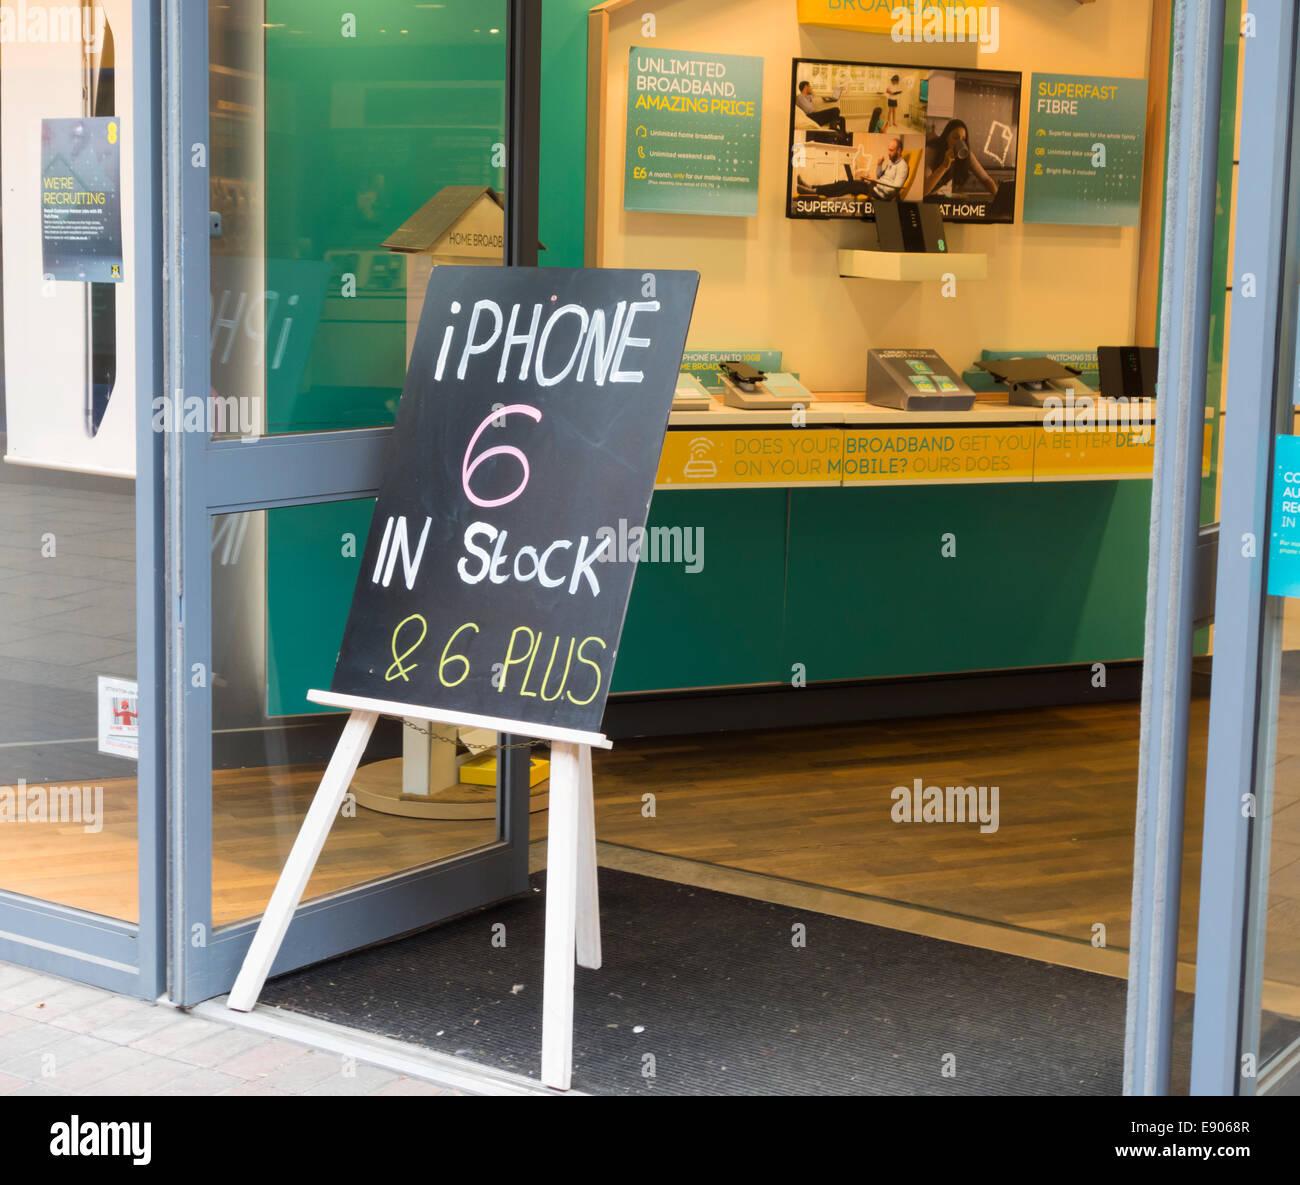 Iphone 6 in stock accedi EE ingresso del negozio. Inghilterra, Regno Unito Immagini Stock